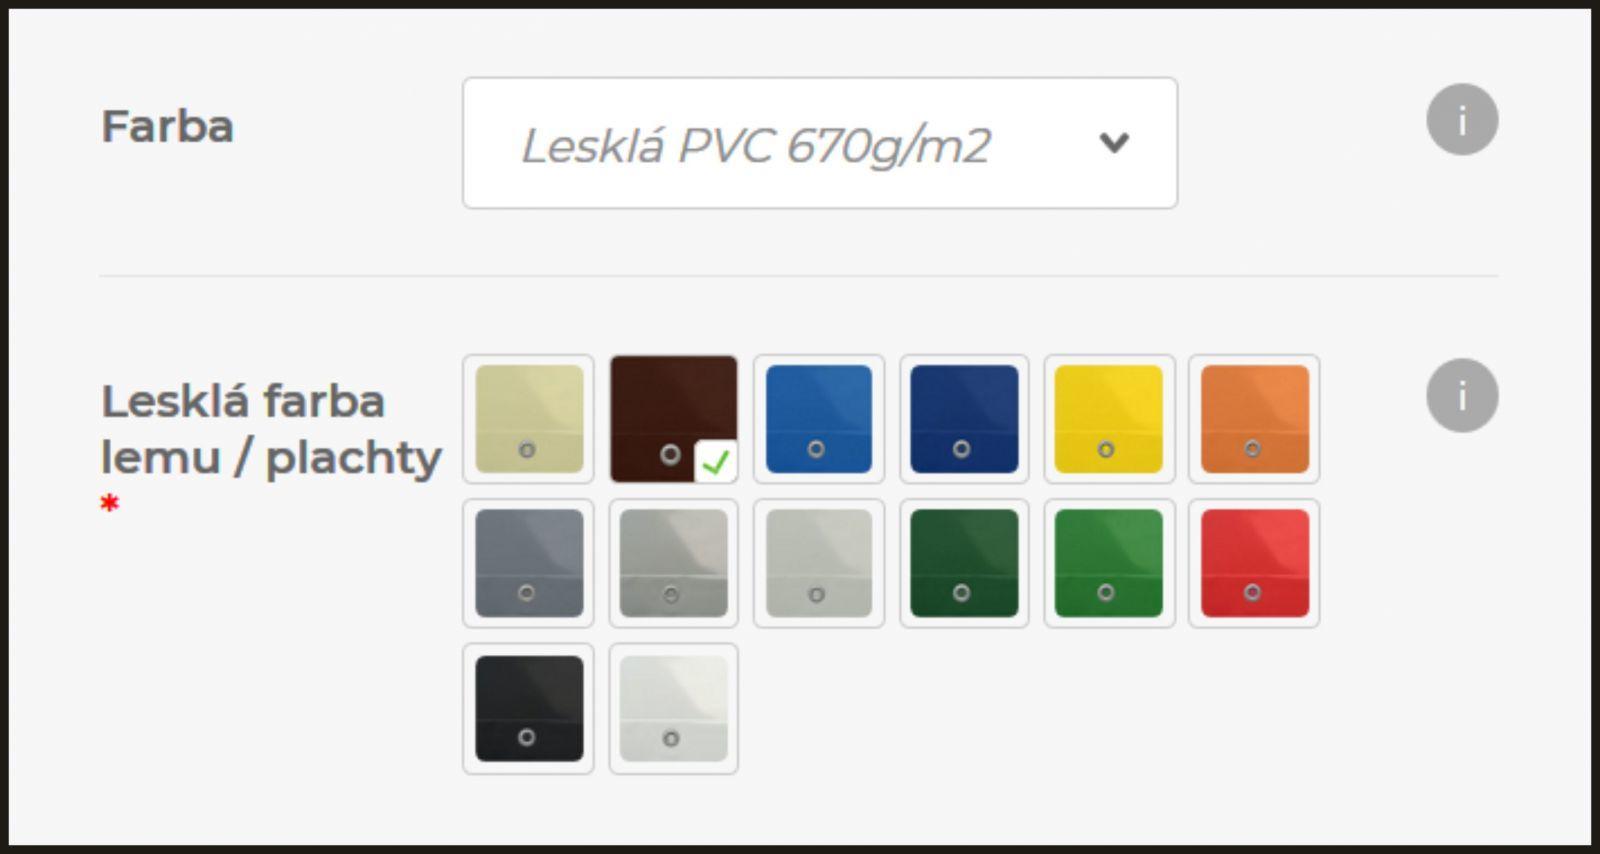 výber farby lemu alebo plachty